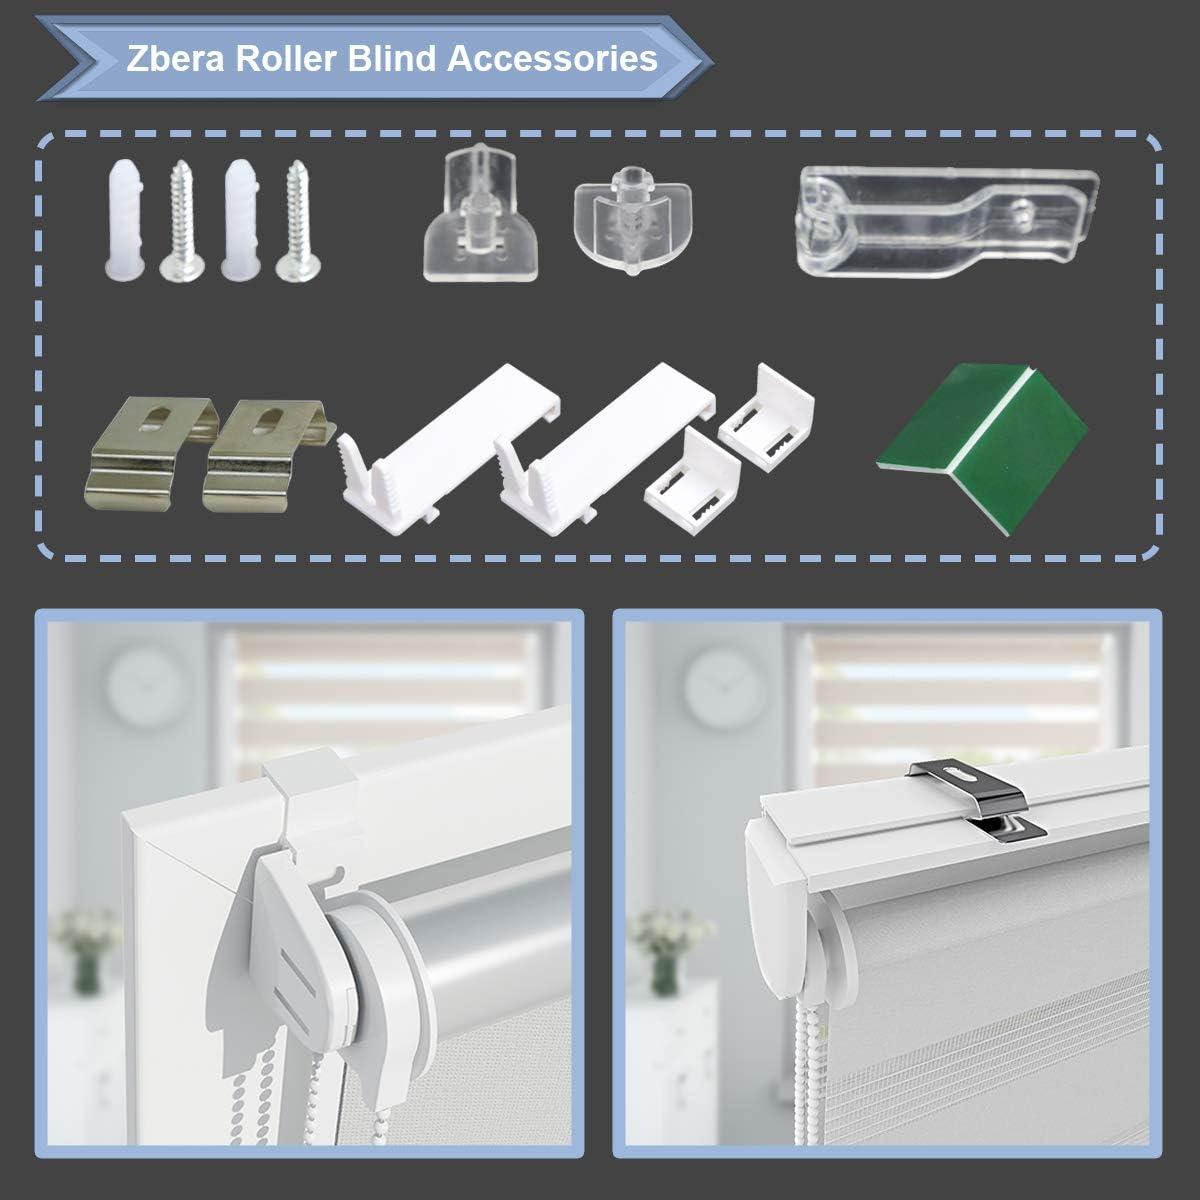 Vert 100 x 150cm sans per/çage Facile /à Installer avec Clips Hunter Mason Store Enrouleur Jour Nuit de Double Tissu pour Fen/être ou Porte 2 Types dInstallations